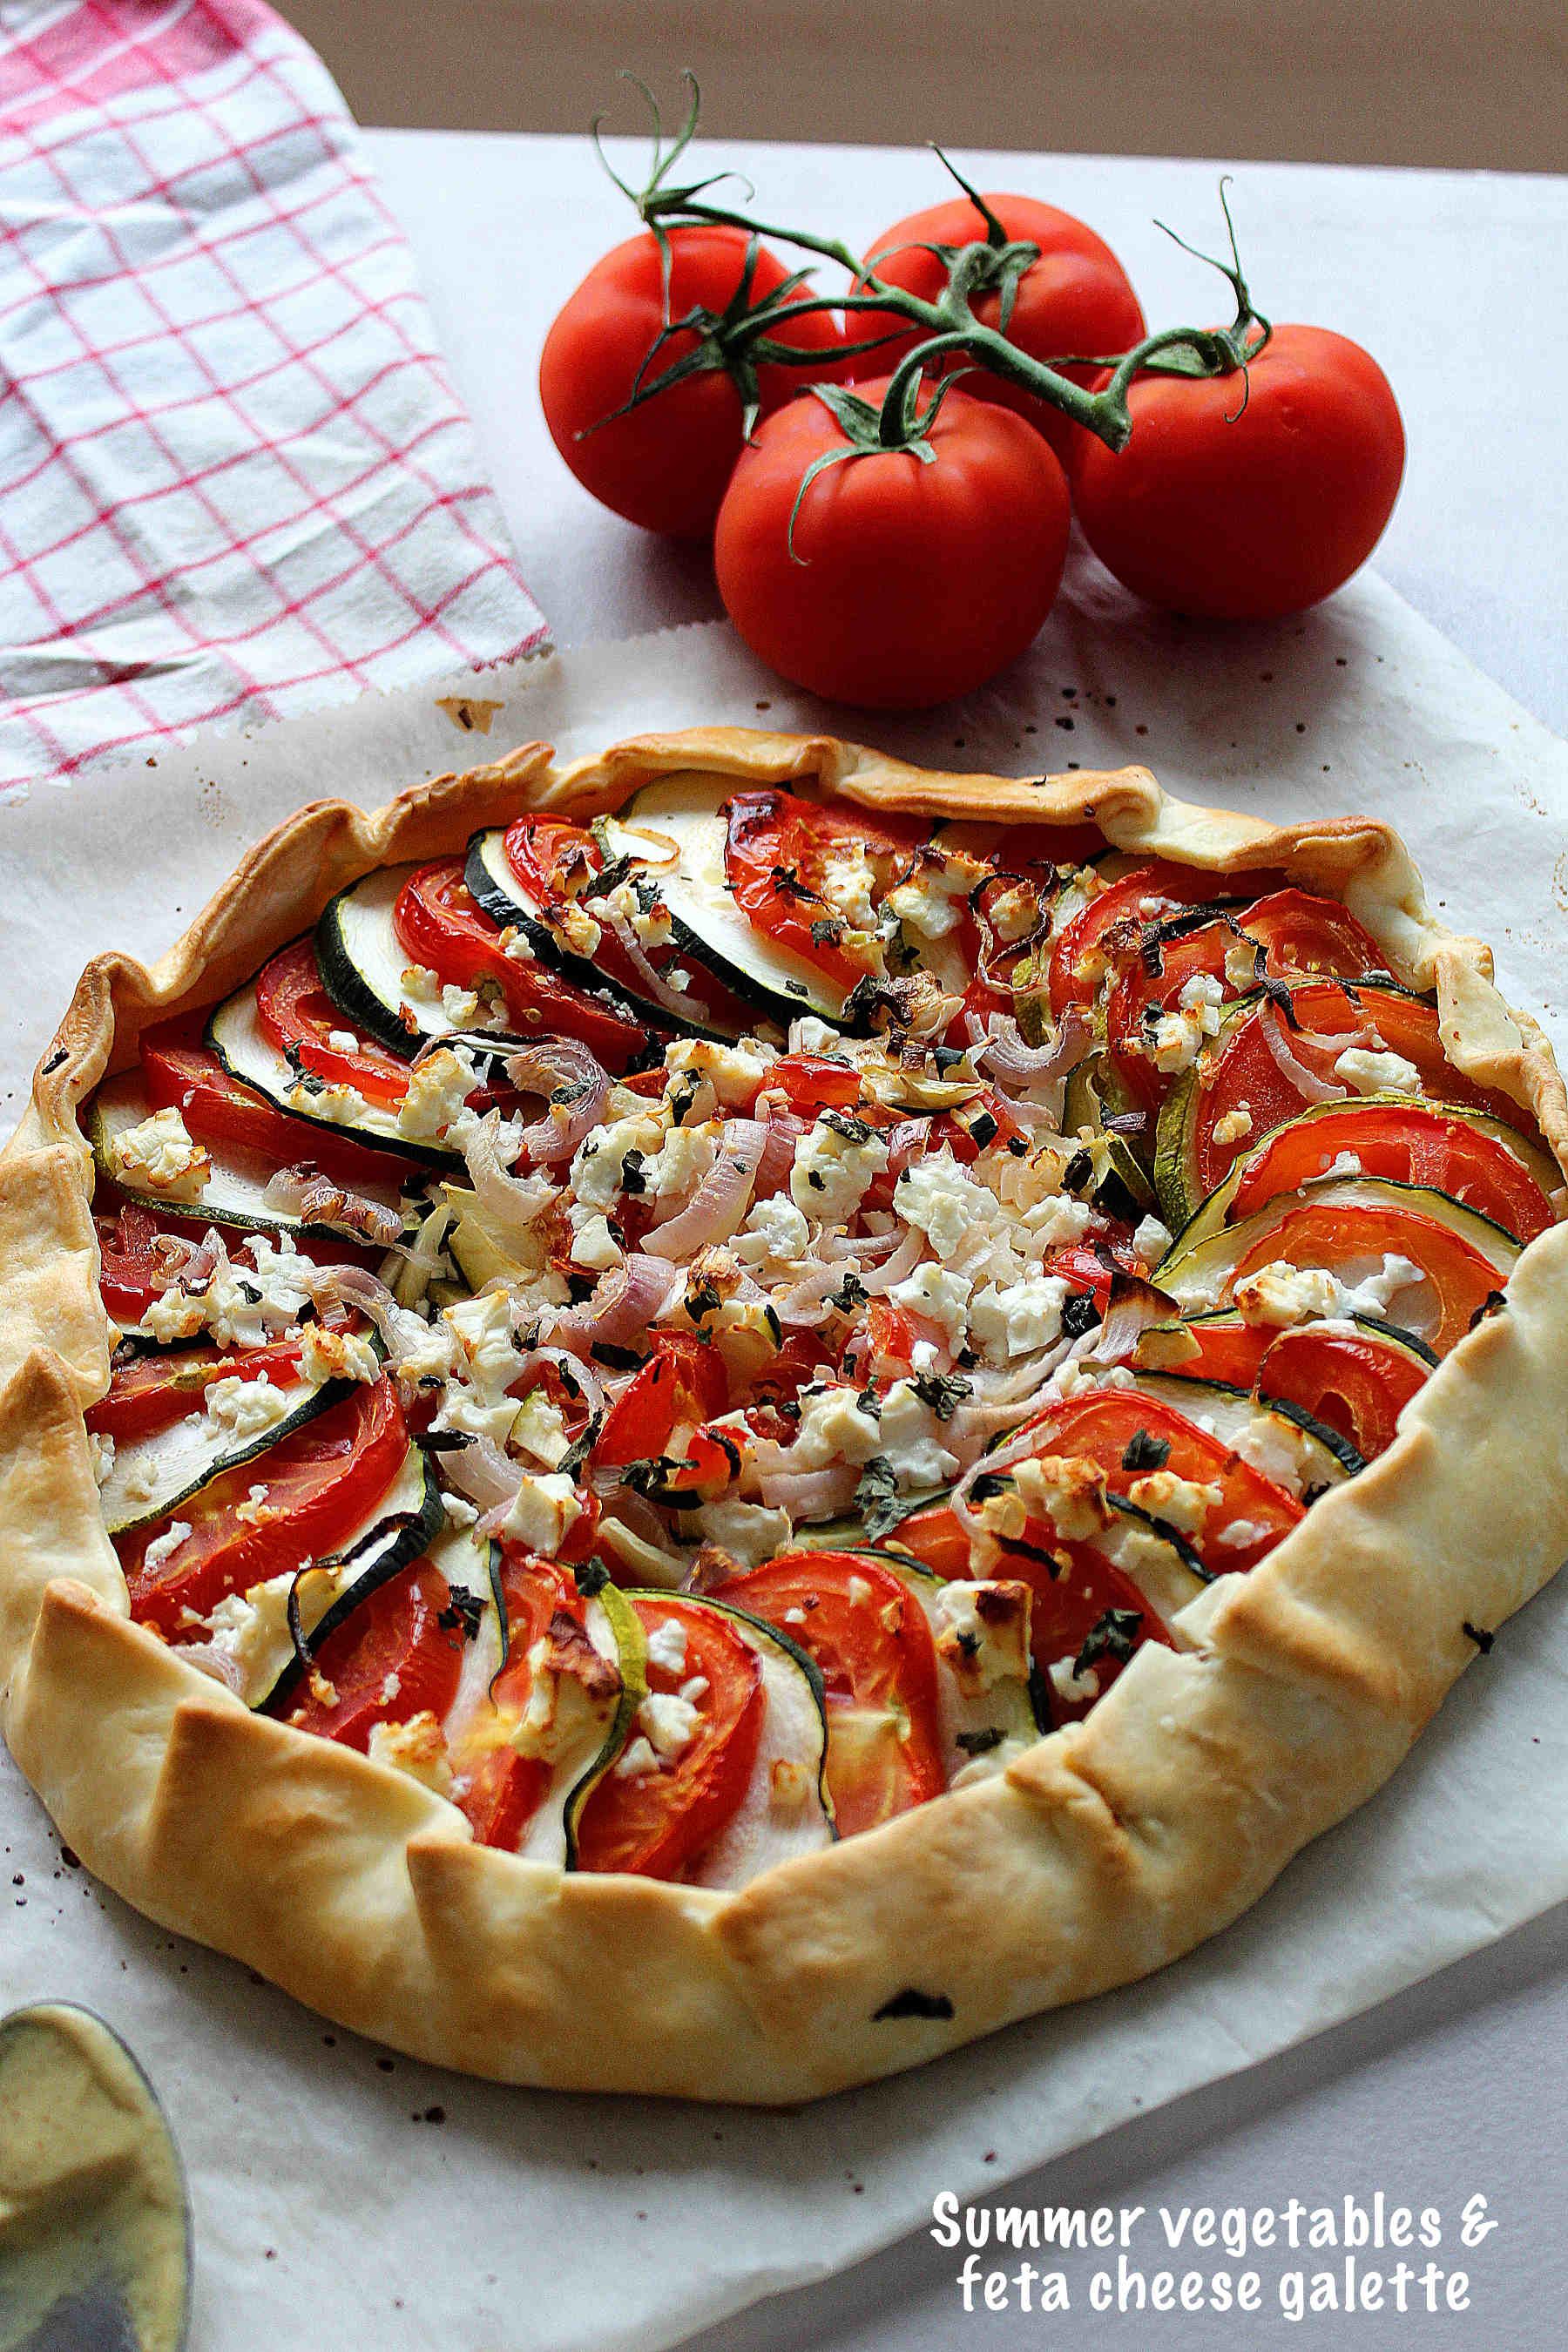 Tomato, zucchini and feta cheese galette